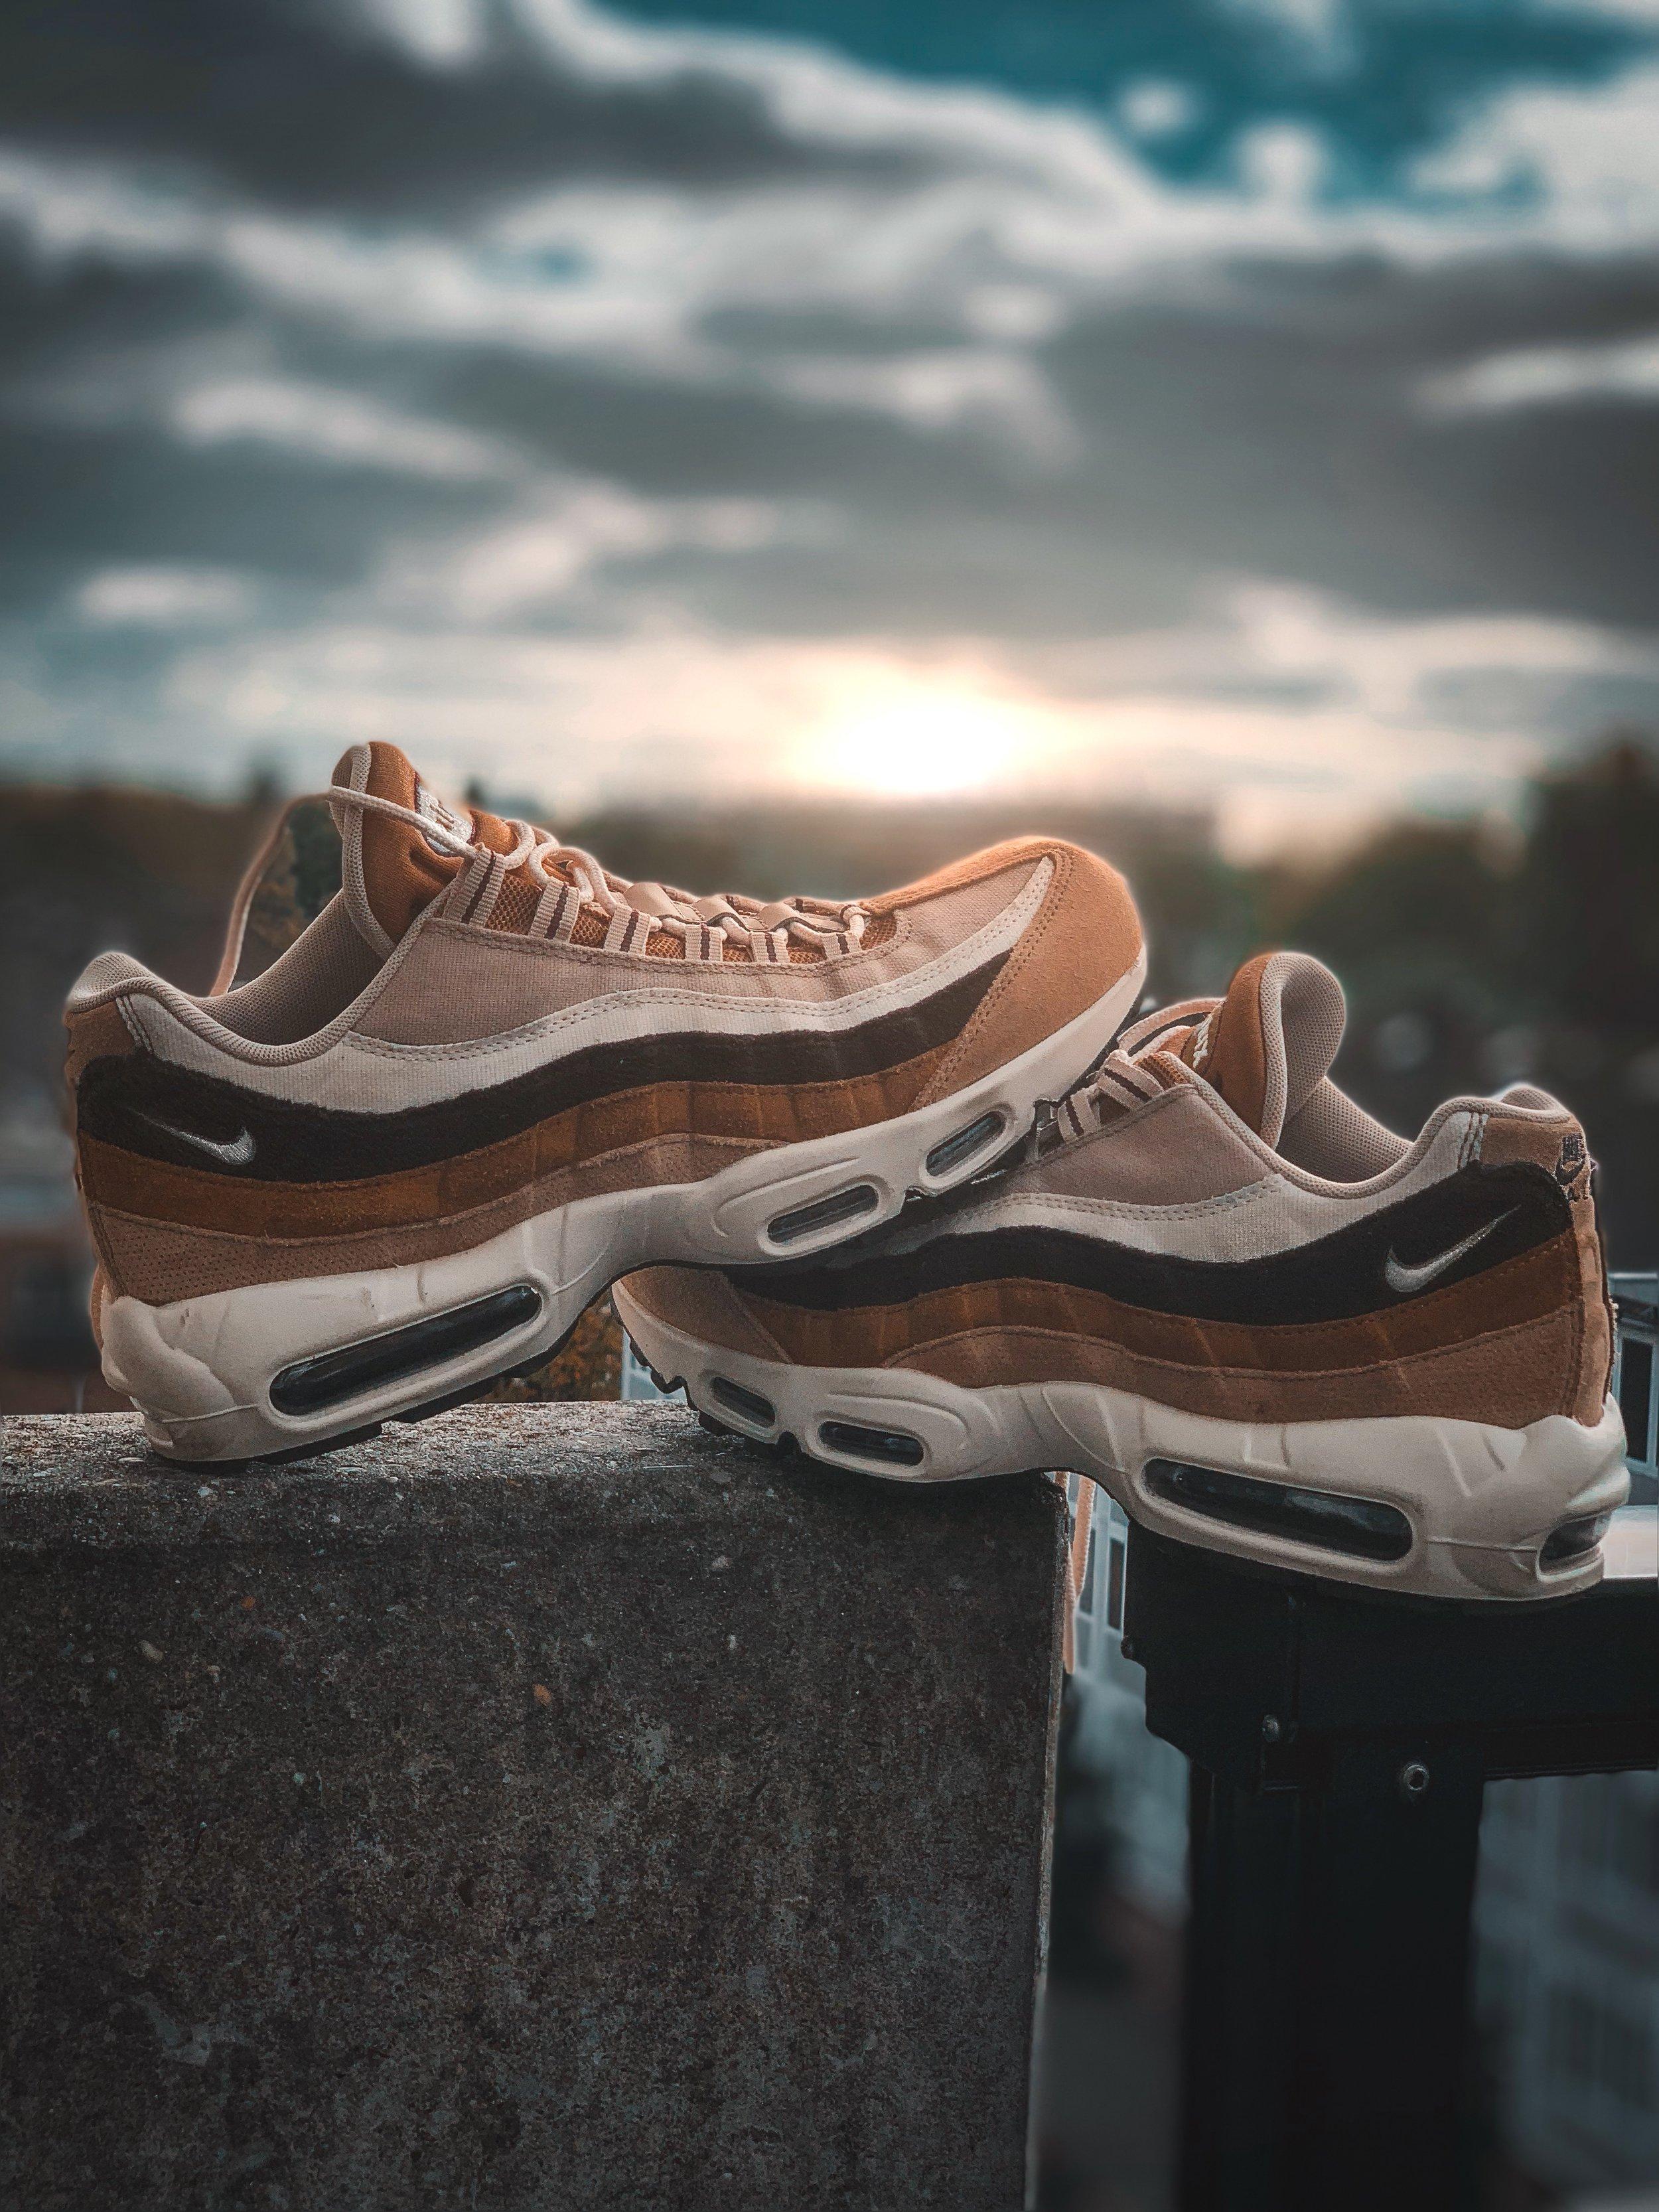 Nike Airmax 95 beige